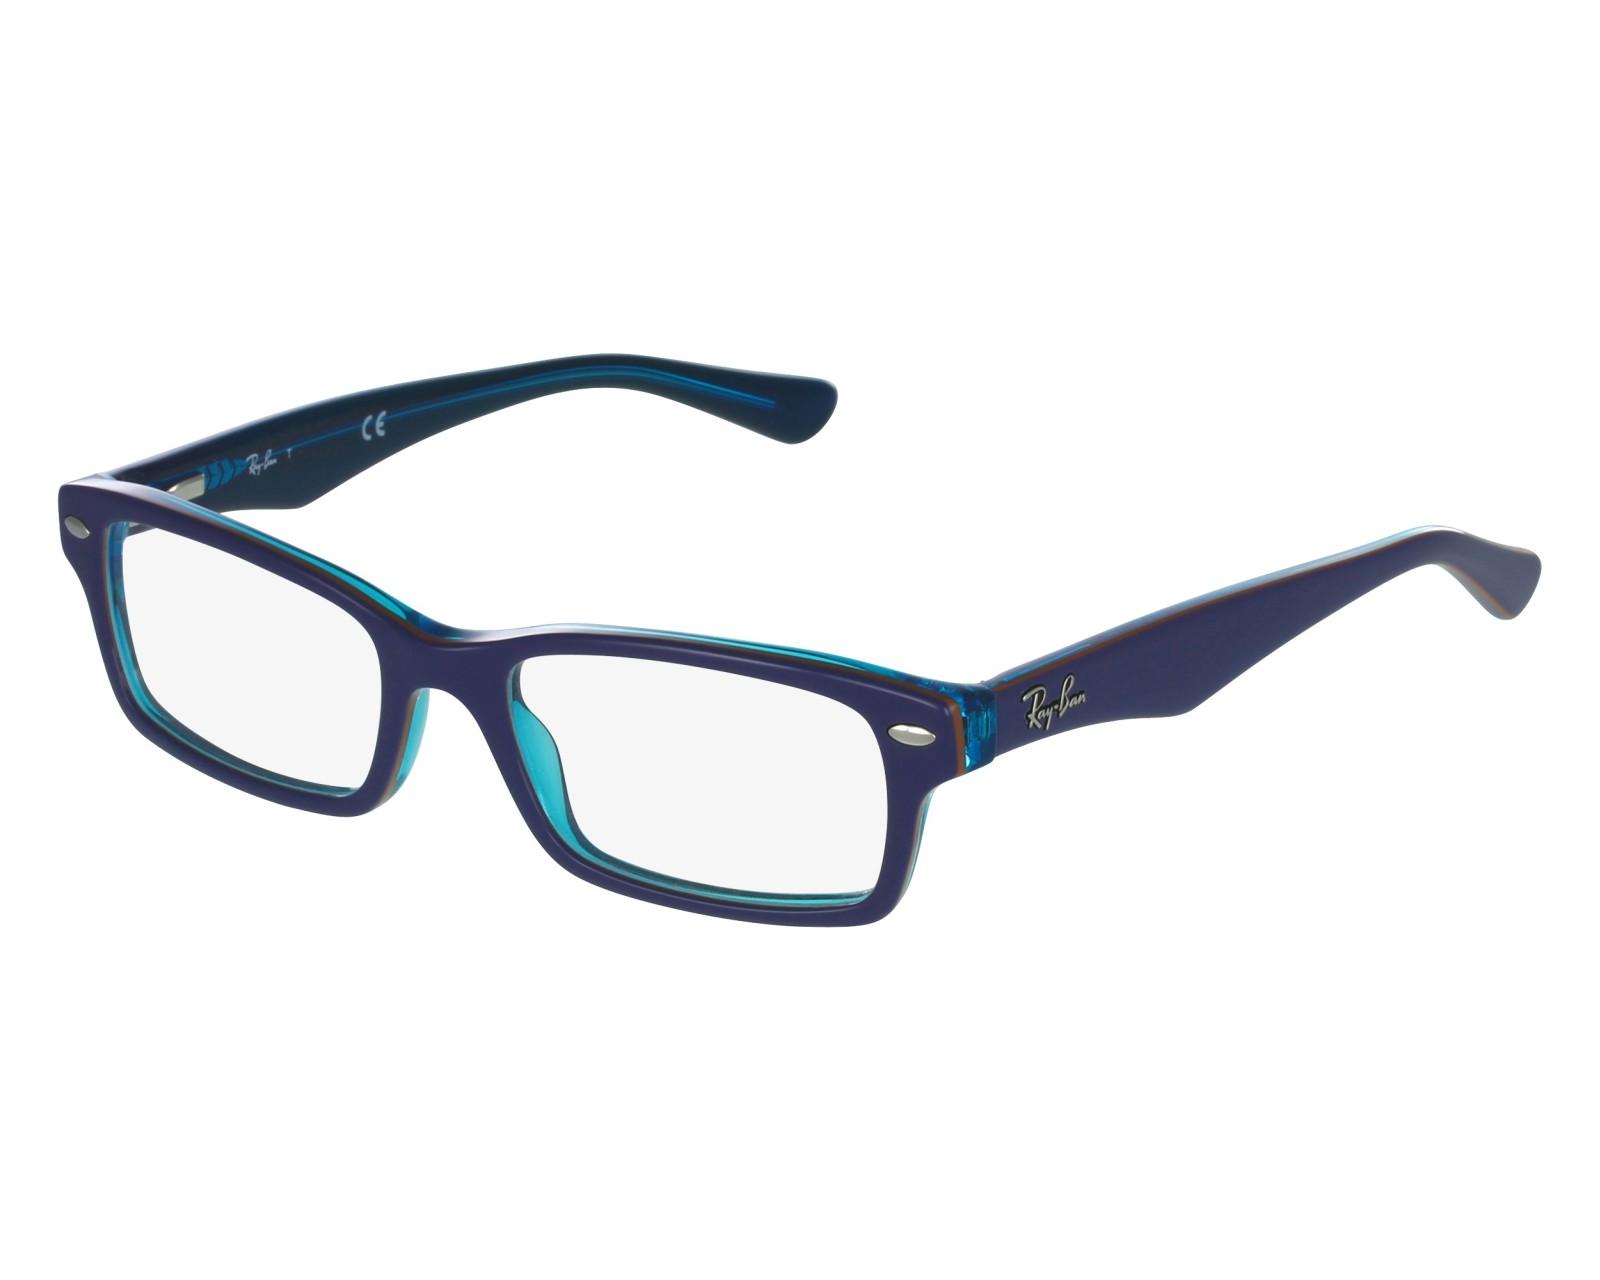 9fd6e7e55a eyeglasses Ray-Ban RY-1530 3587 48-16 Blue front view